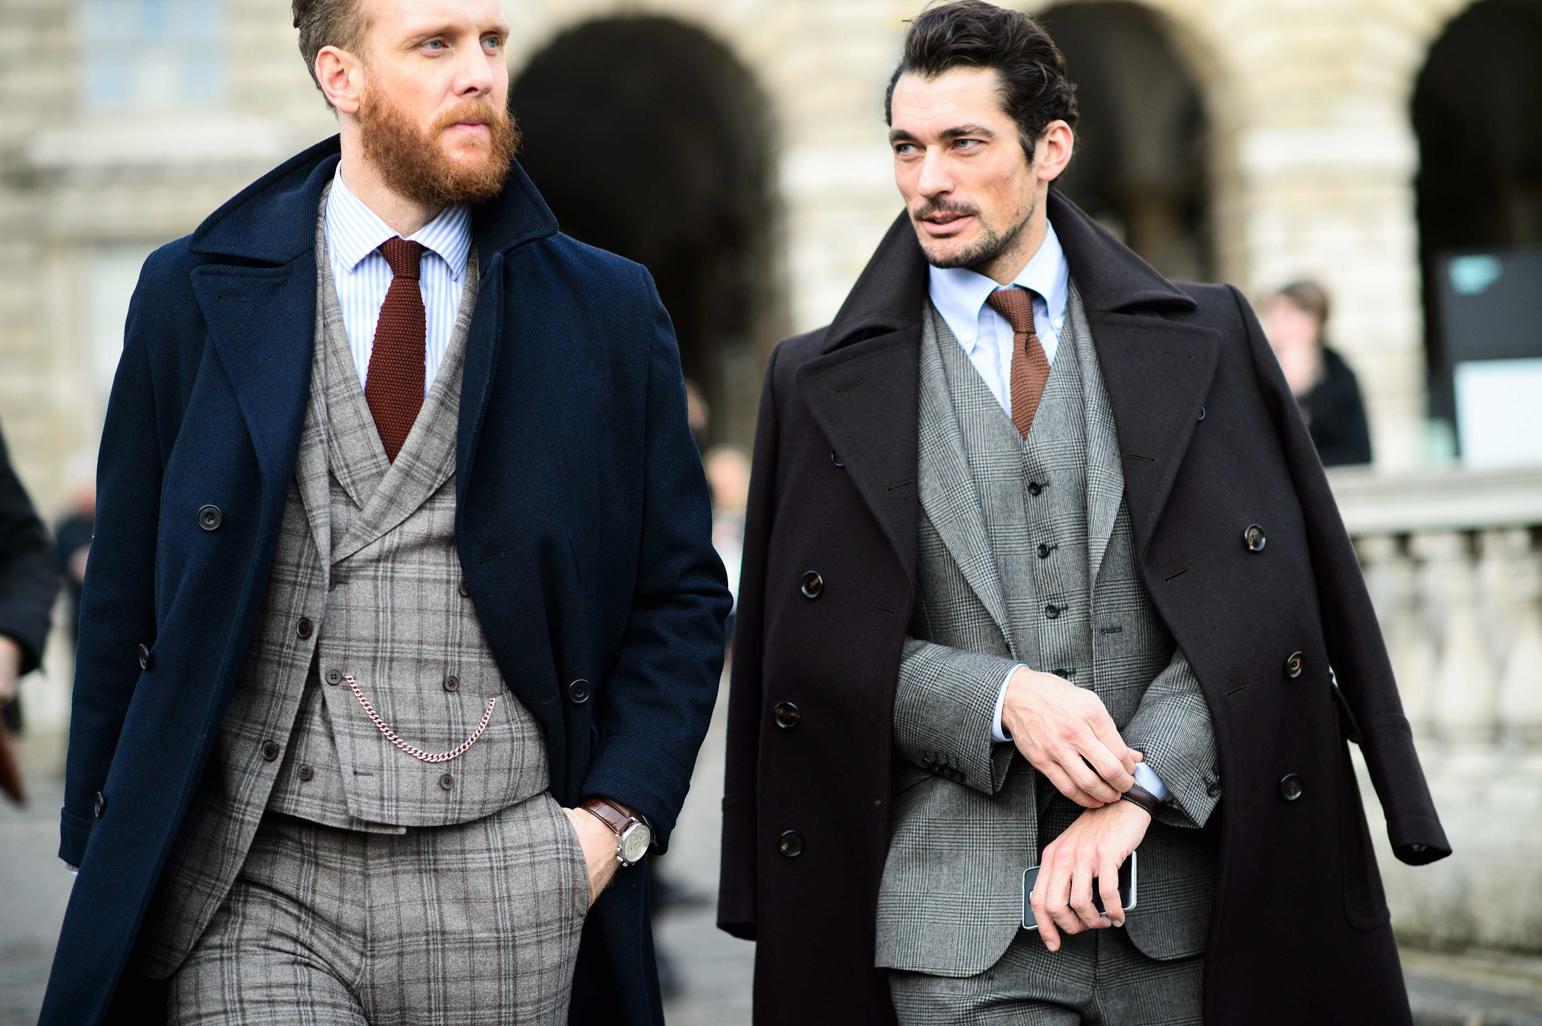 英伦格调:小袖口彰显绅士魅力